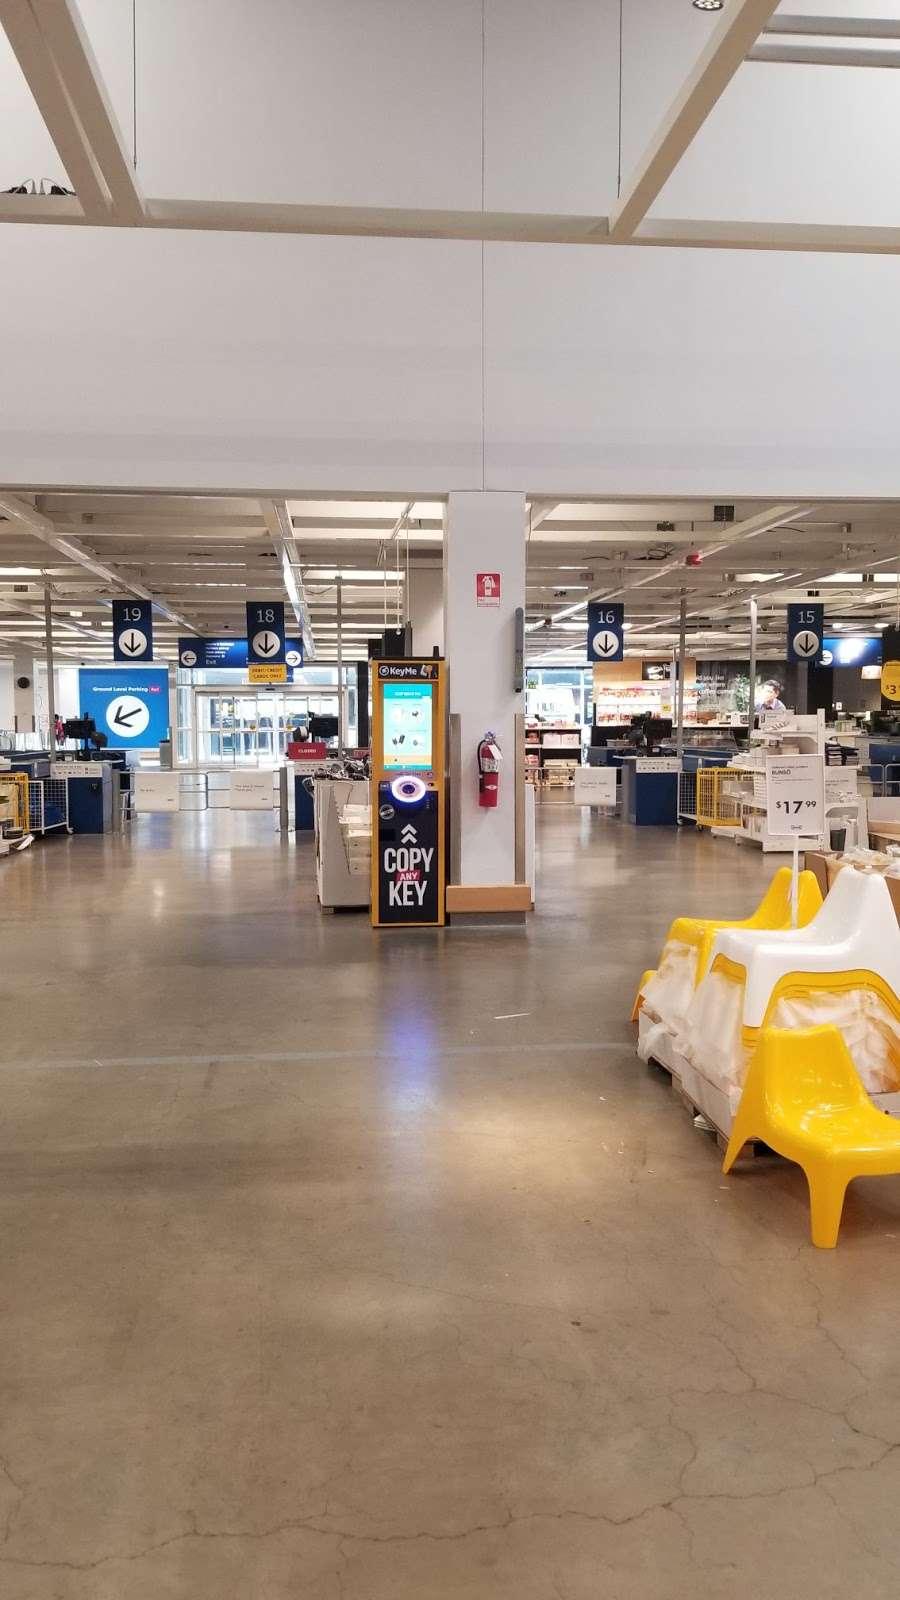 Keyme 100 Ikea Dr Paramus Nj 07652 Usa